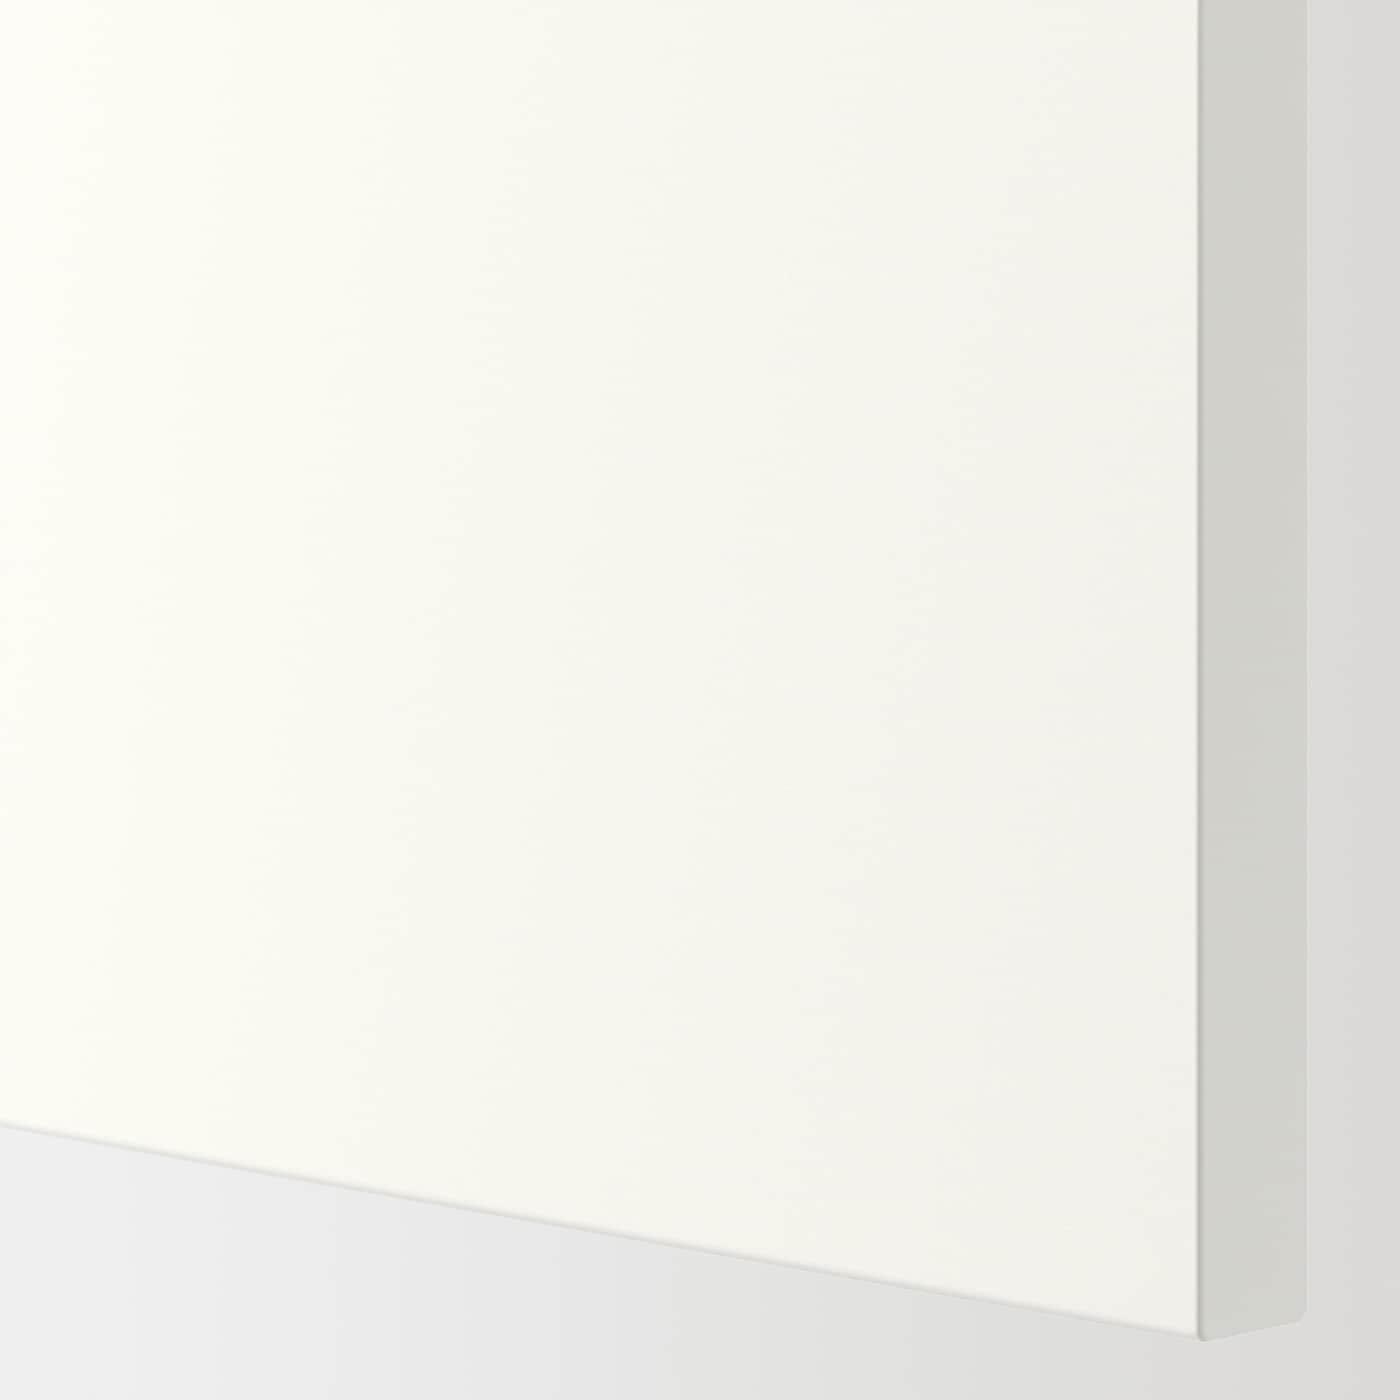 ENHET Alsószekrény 3 fiókkal, fehér, 80x62x75 cm